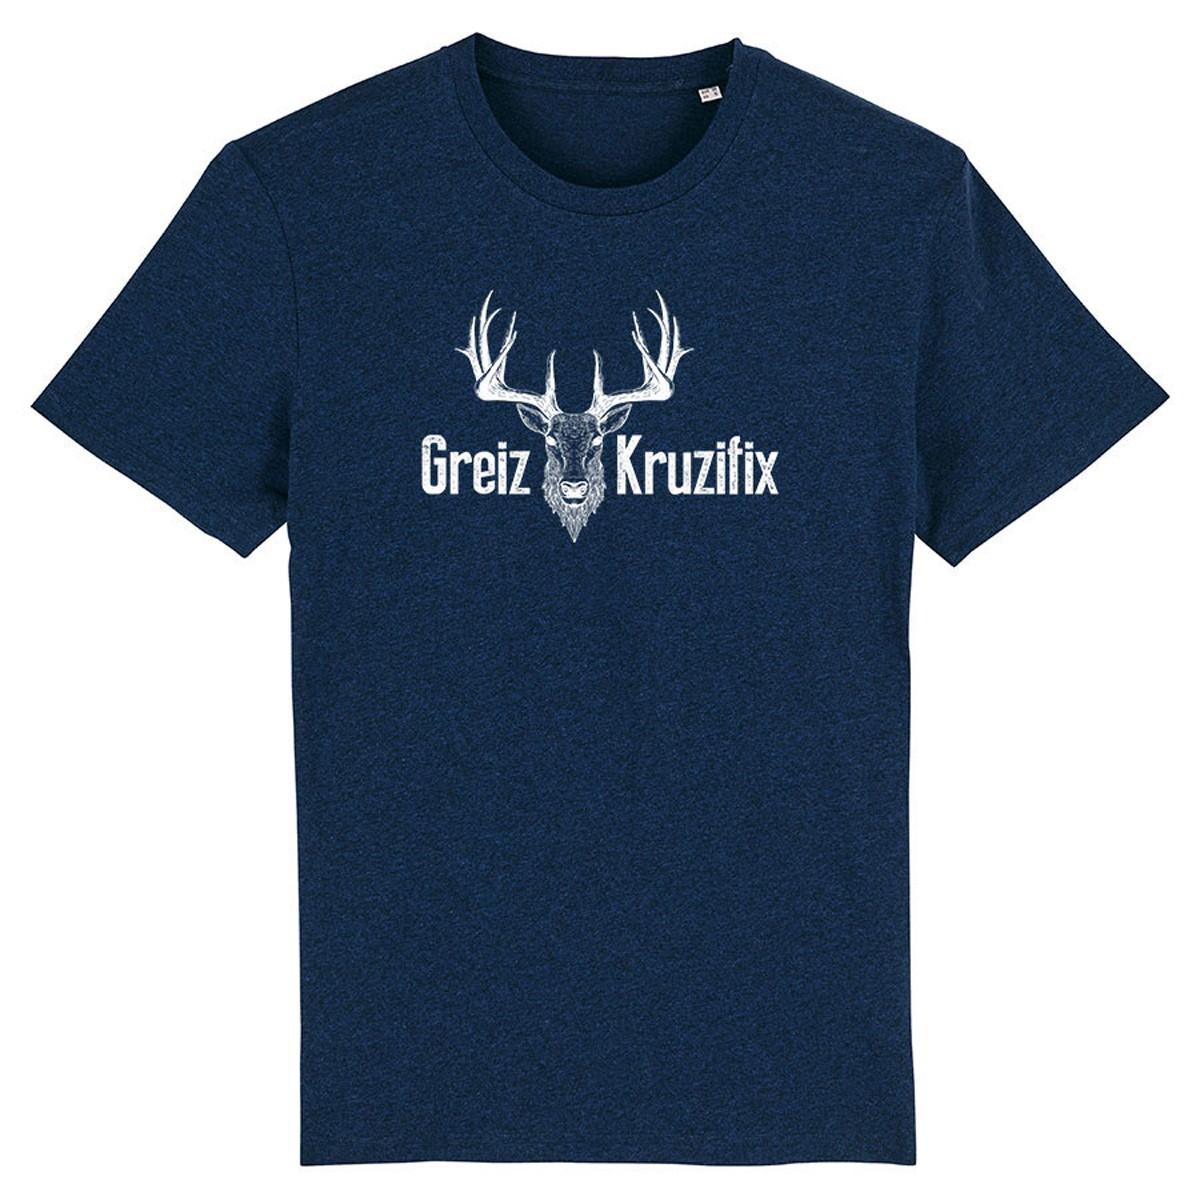 Greiz Kruzifix Herren T-shirt